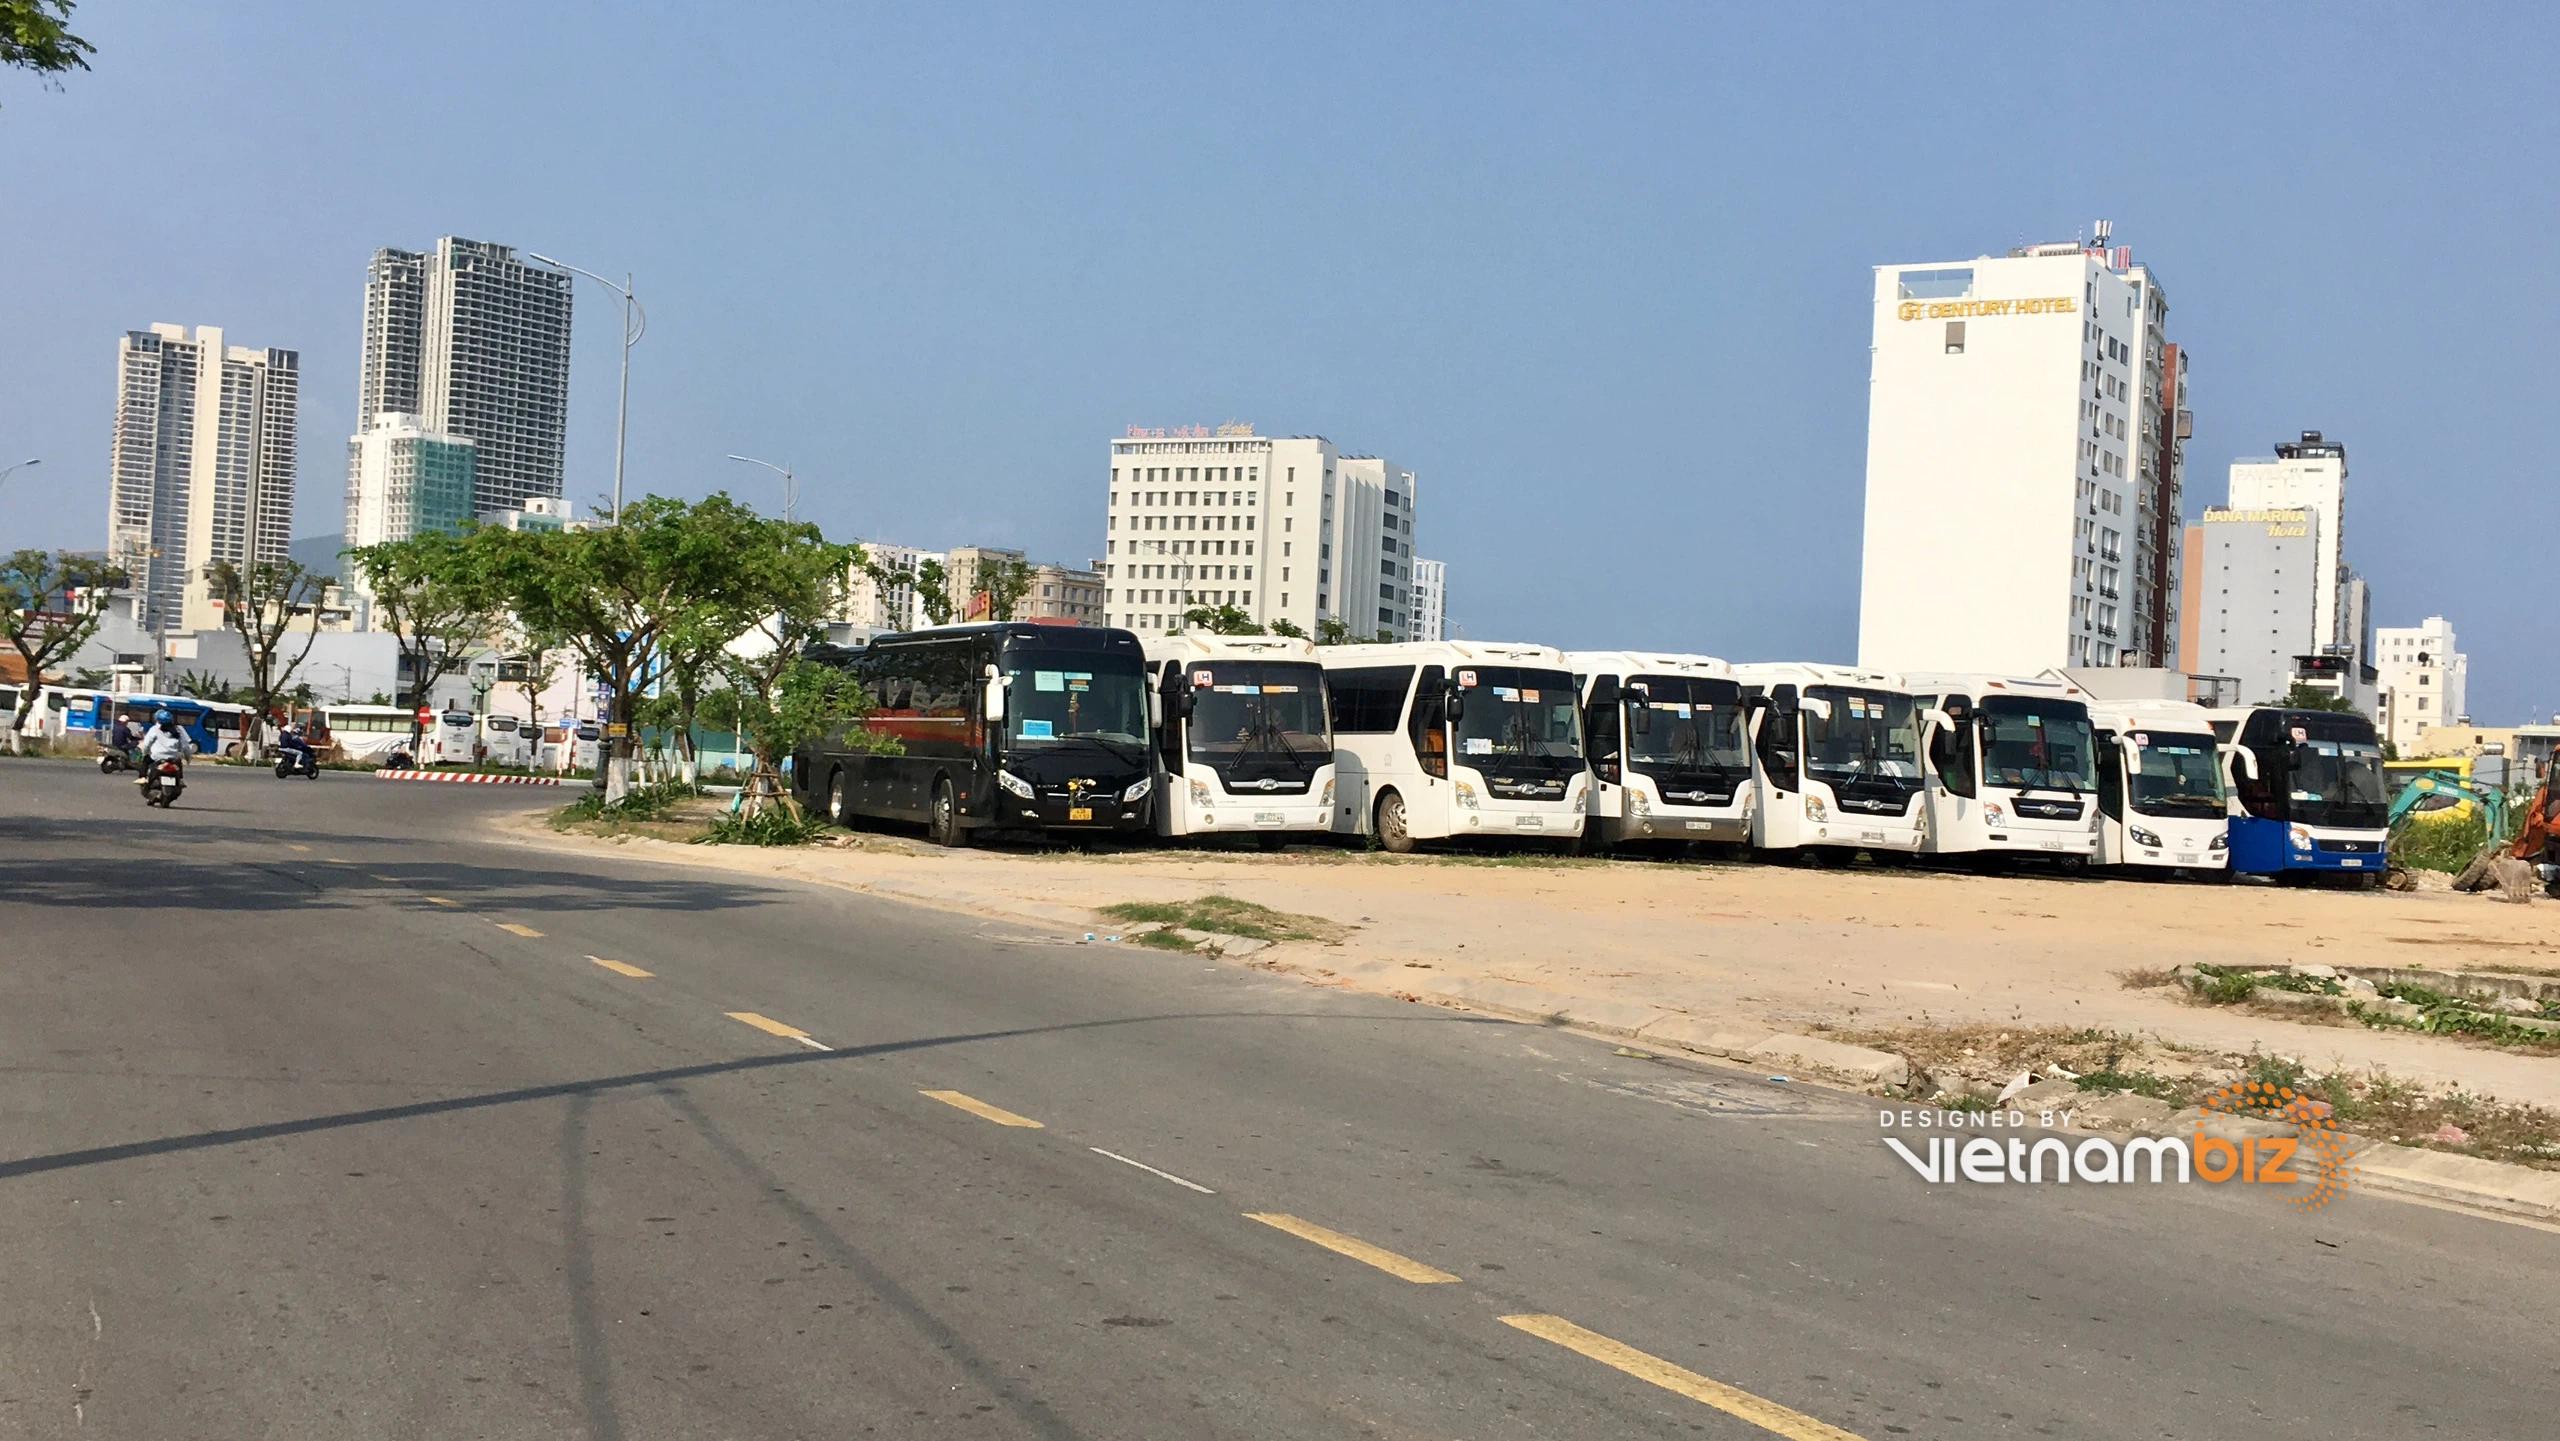 Hình ảnh 5 khu đất Đà Nẵng sẽ làm Khu phức hợp có casino và chung cư cao cấp 62 tầng - Ảnh 17.